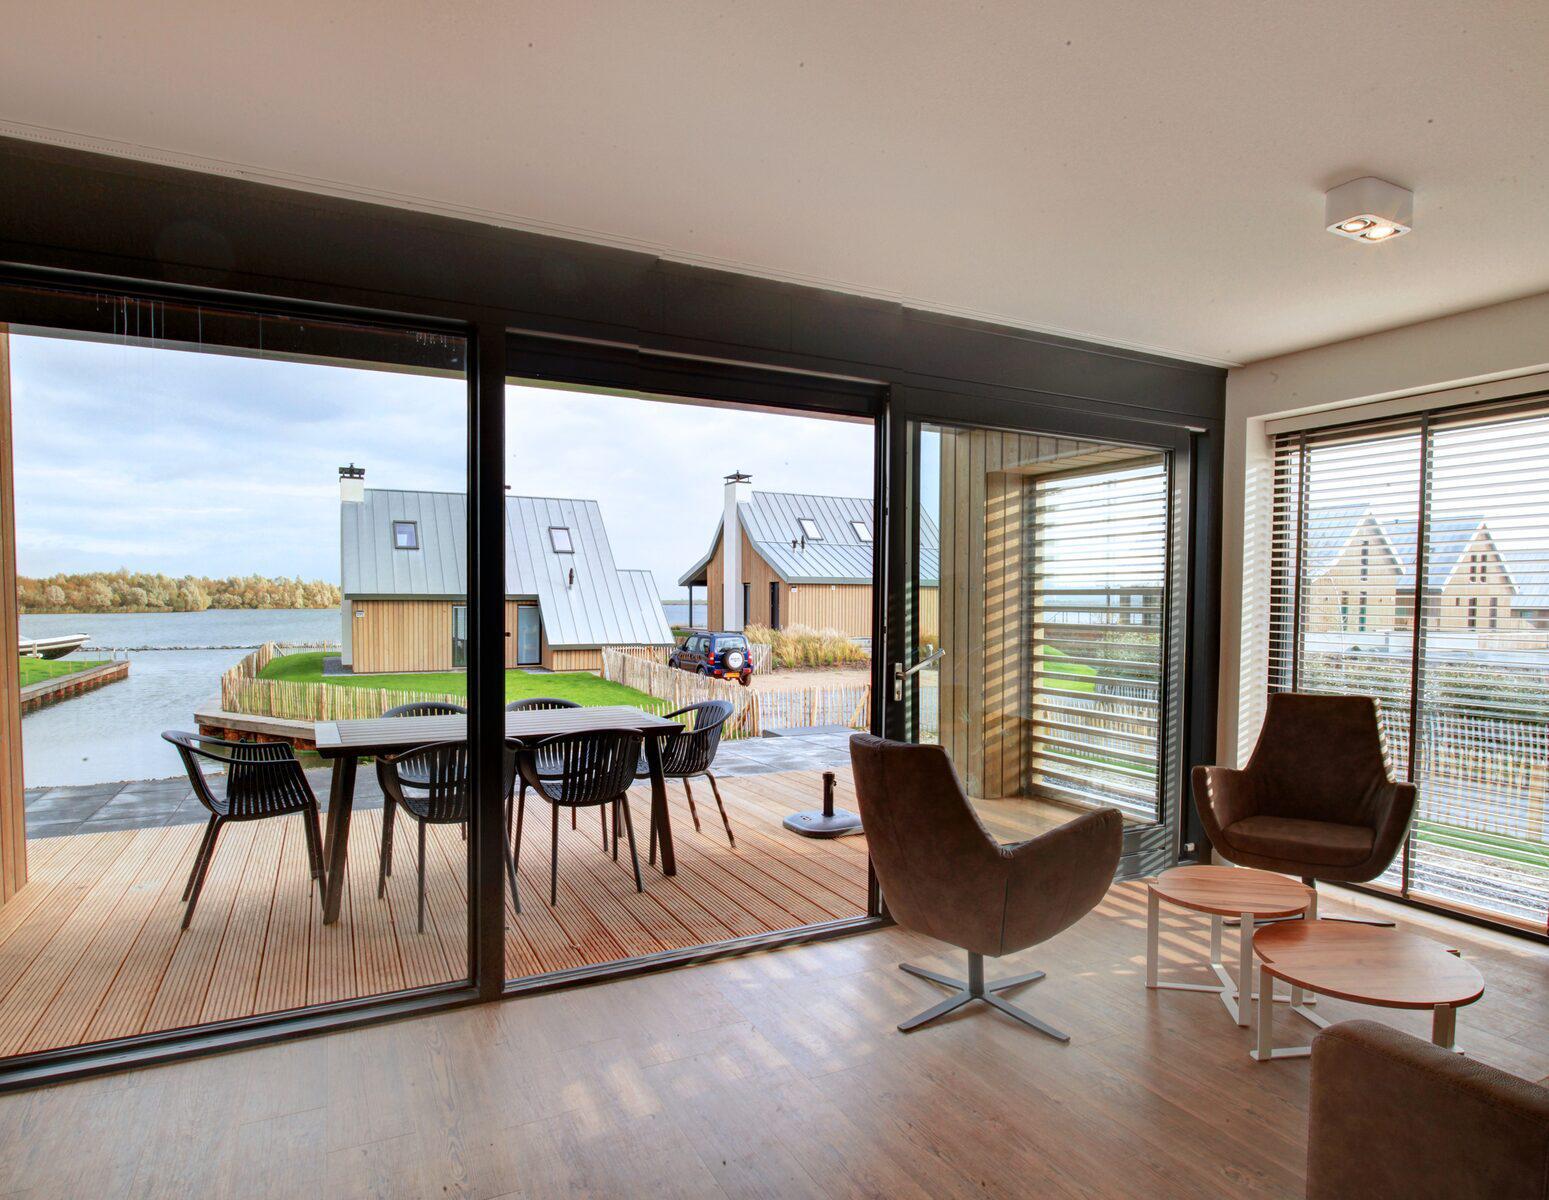 Waterrijk Oesterdam Villa Deluxe 6 personen Tholen Zeeland